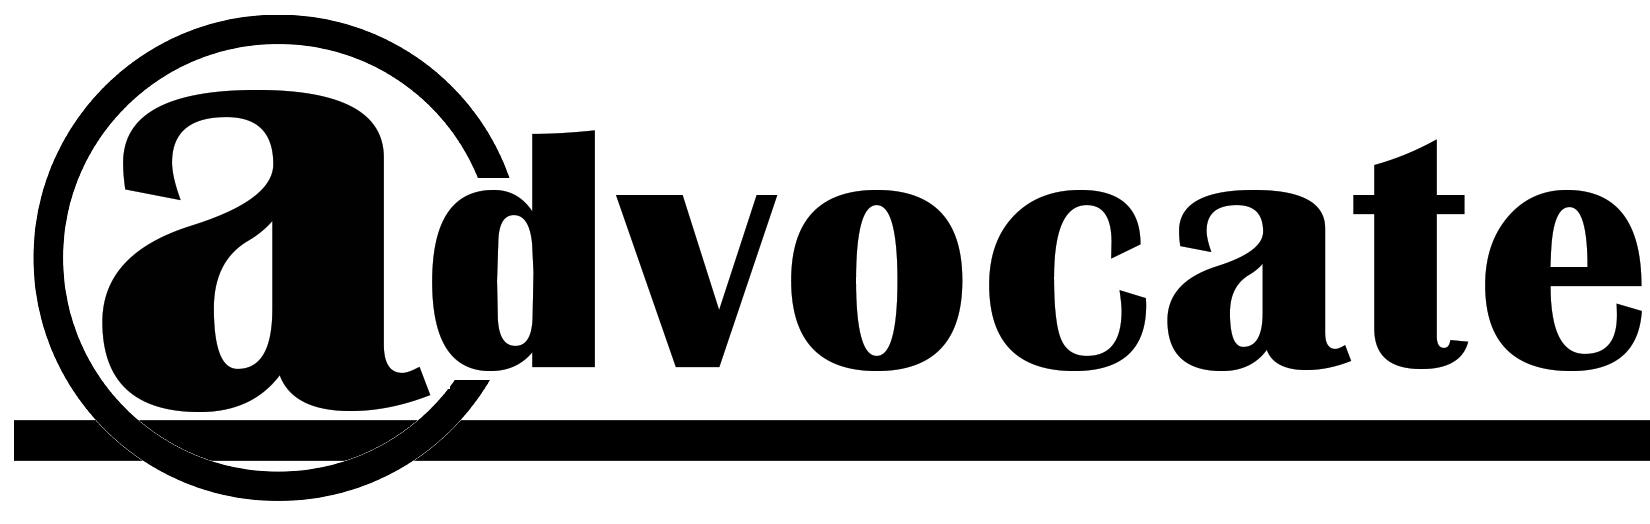 Web_Logo-3-seconda-copertina